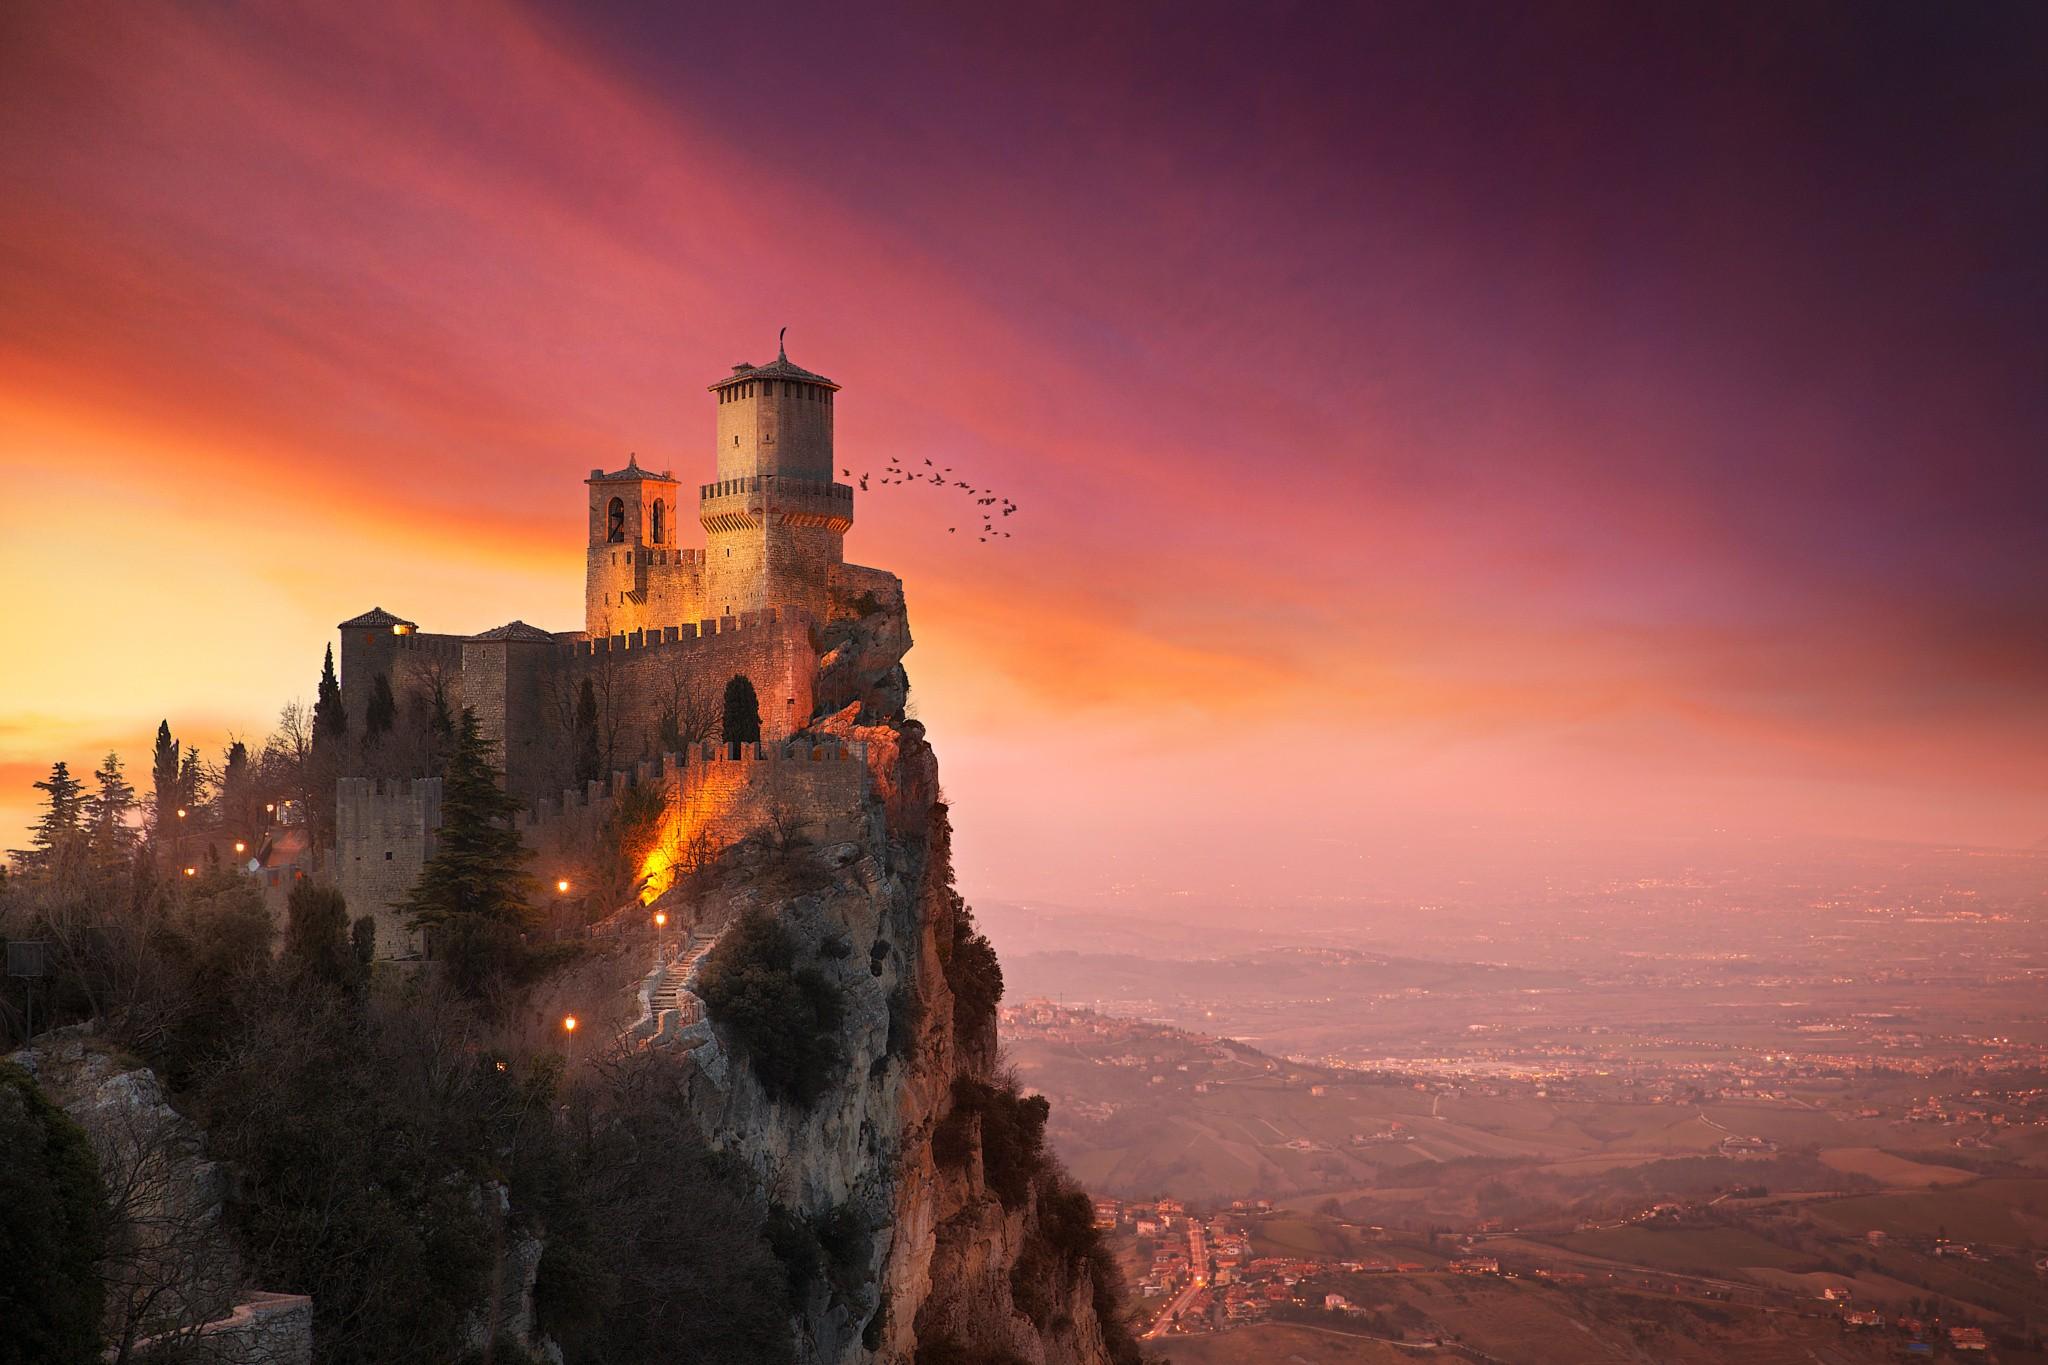 Замок солнца картинки